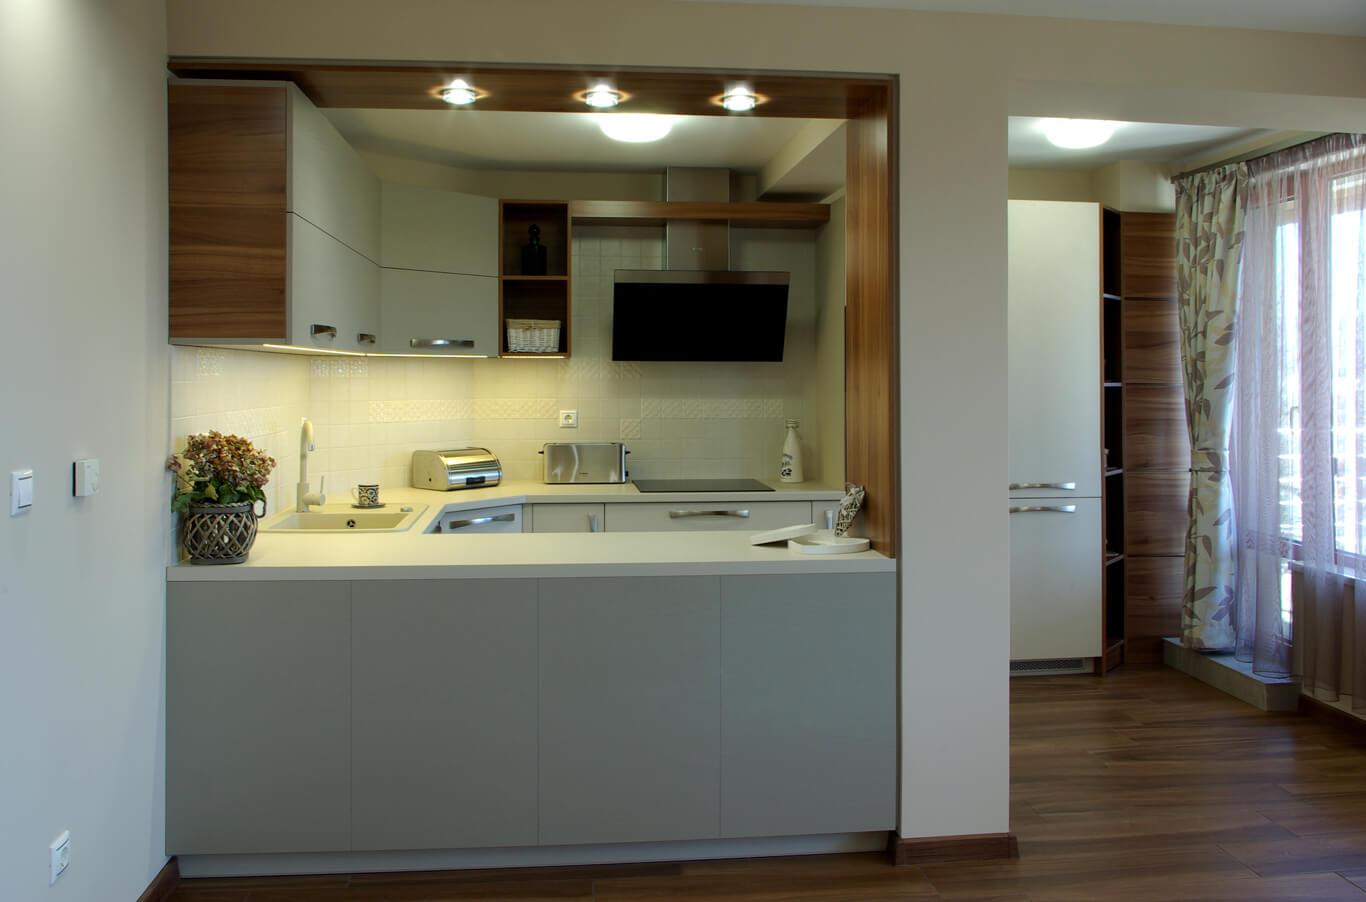 модерна кухня в топли цветове